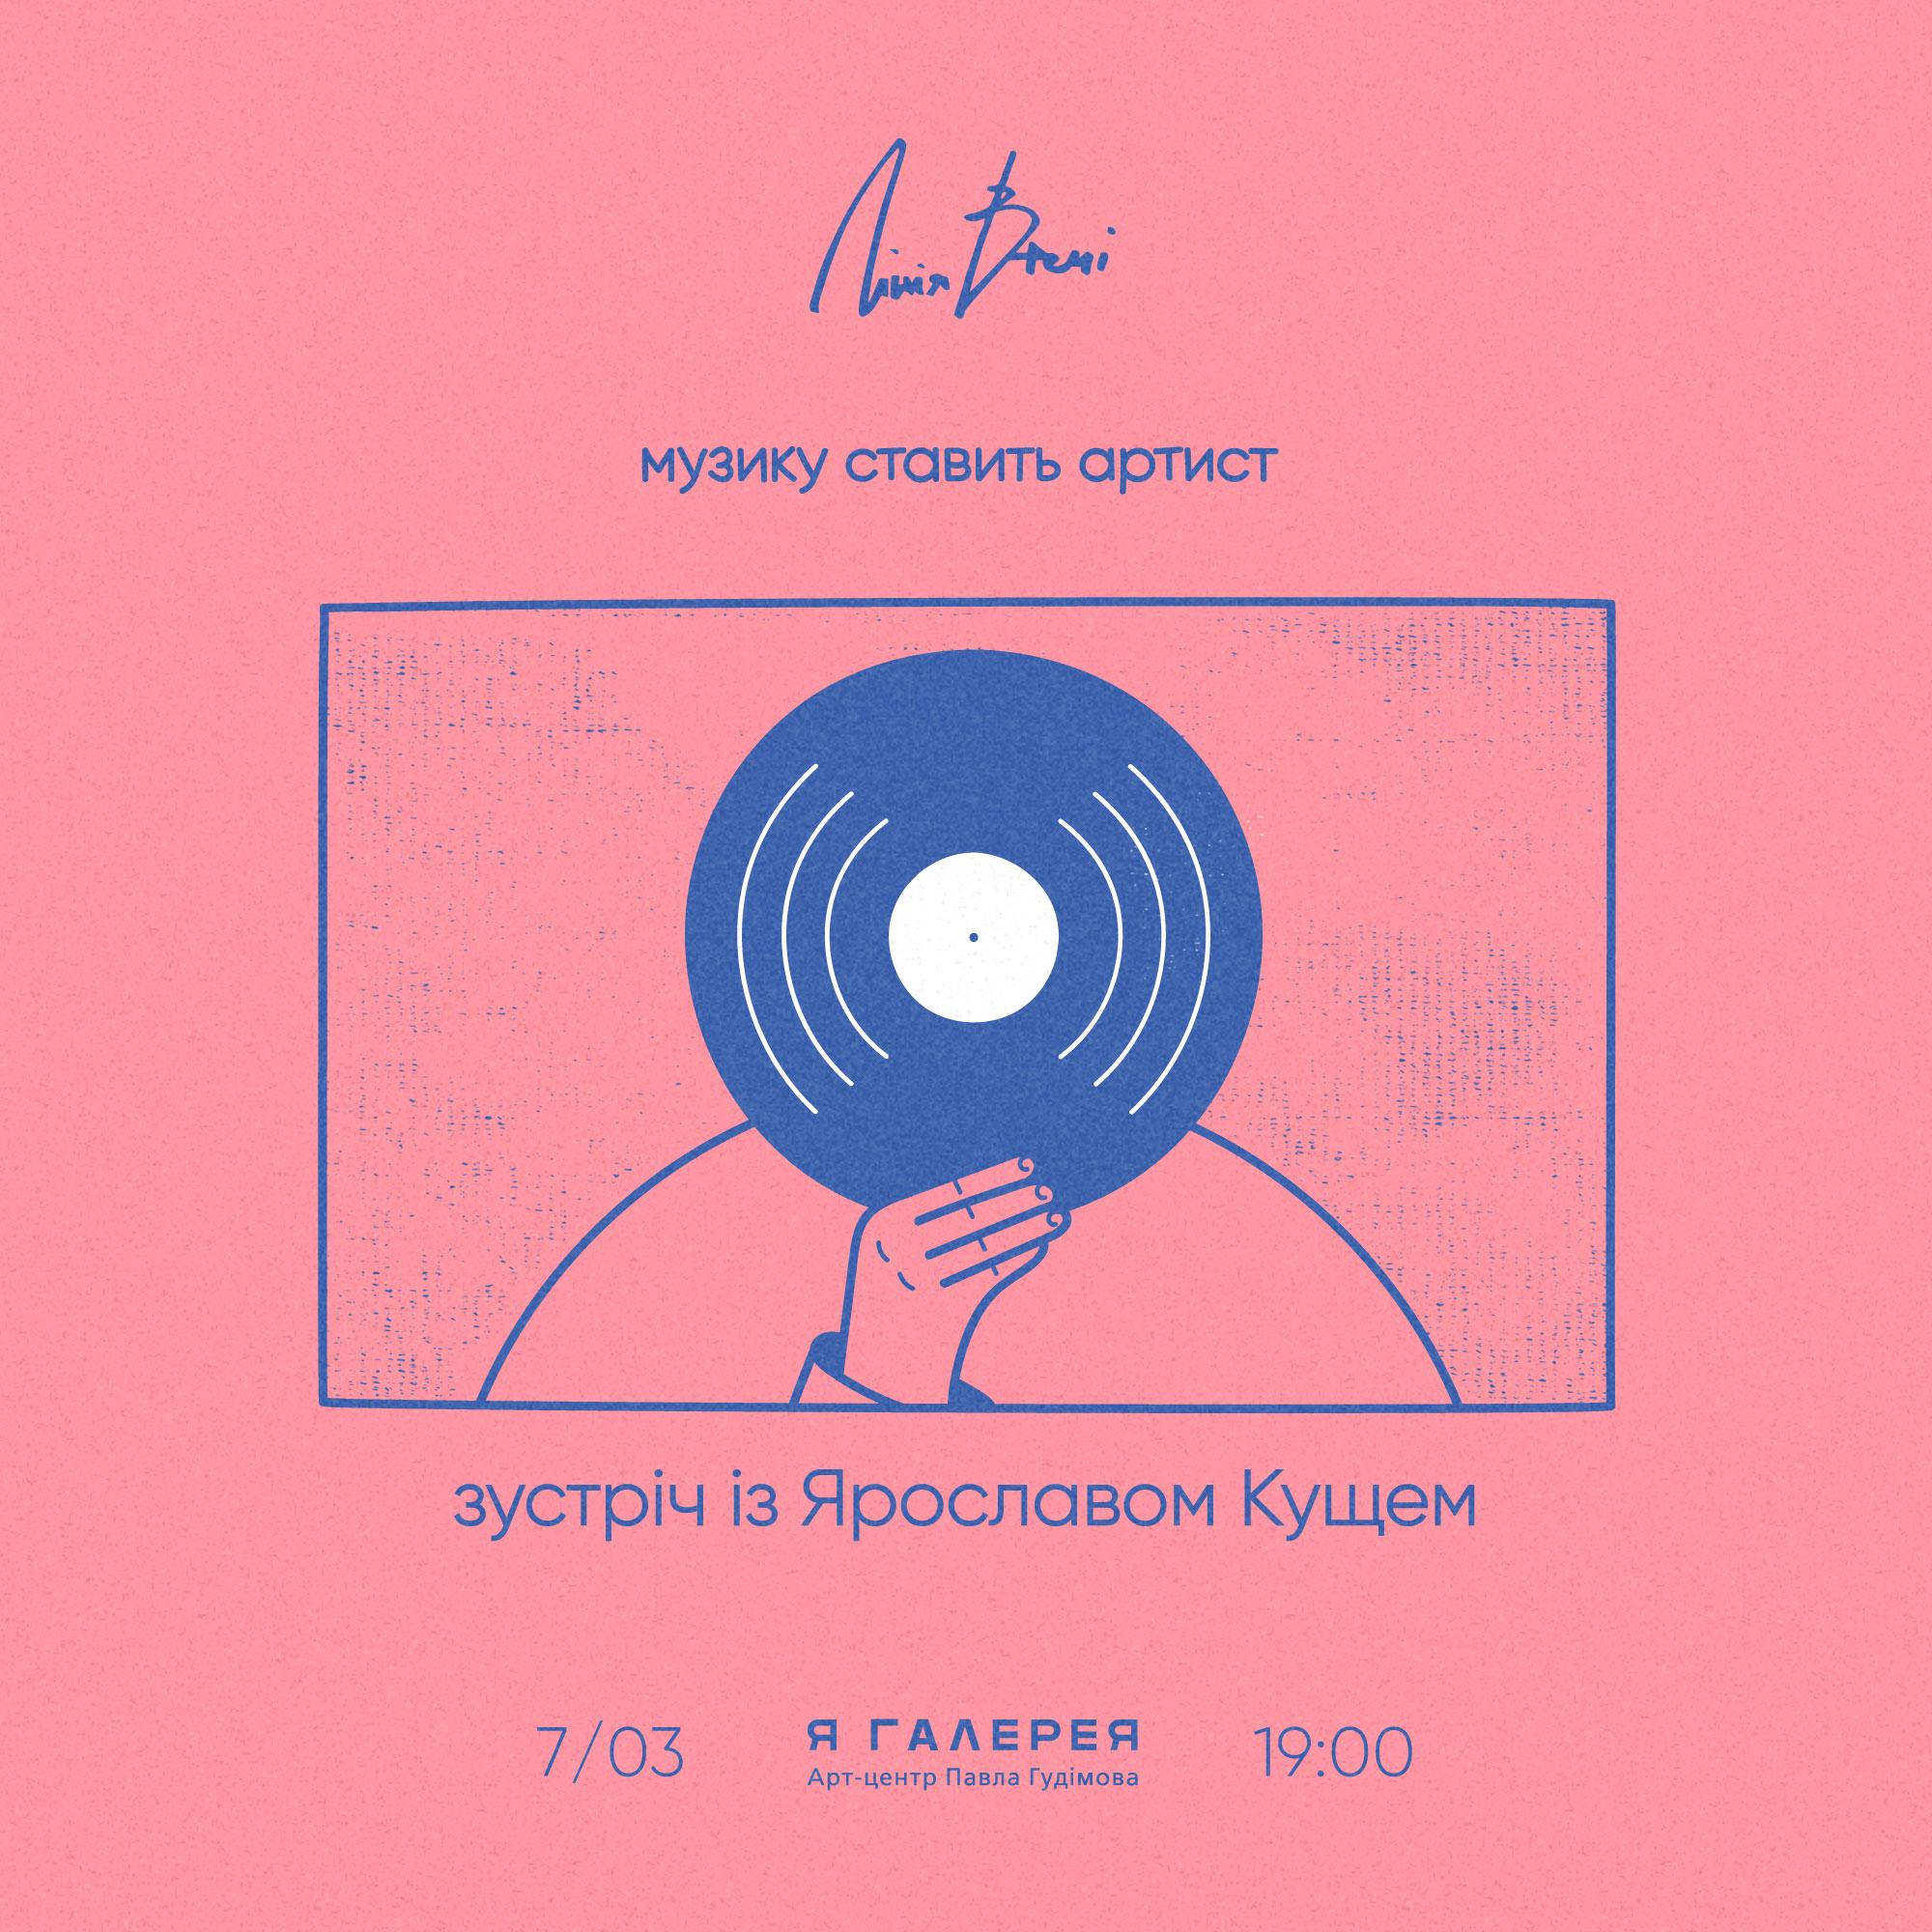 Музику ставить артист. Ярослав Кущ / 7.3.2020